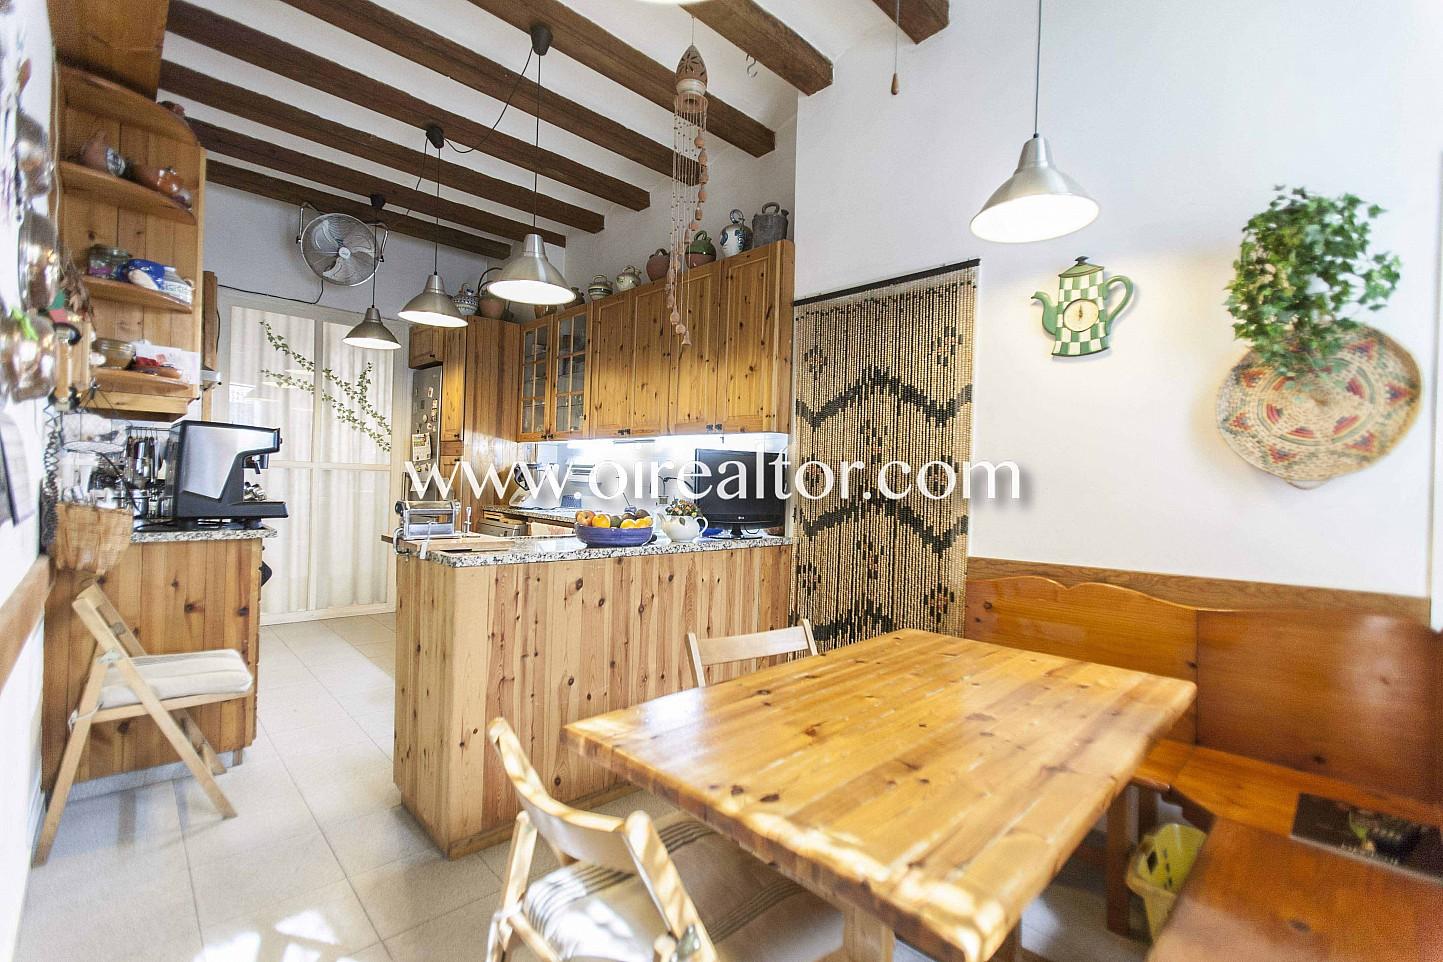 Cocina, cocina con office, cocina office, office, vigas vistas, piso con vigas vistas, cocina equipada, electrodomésticos,